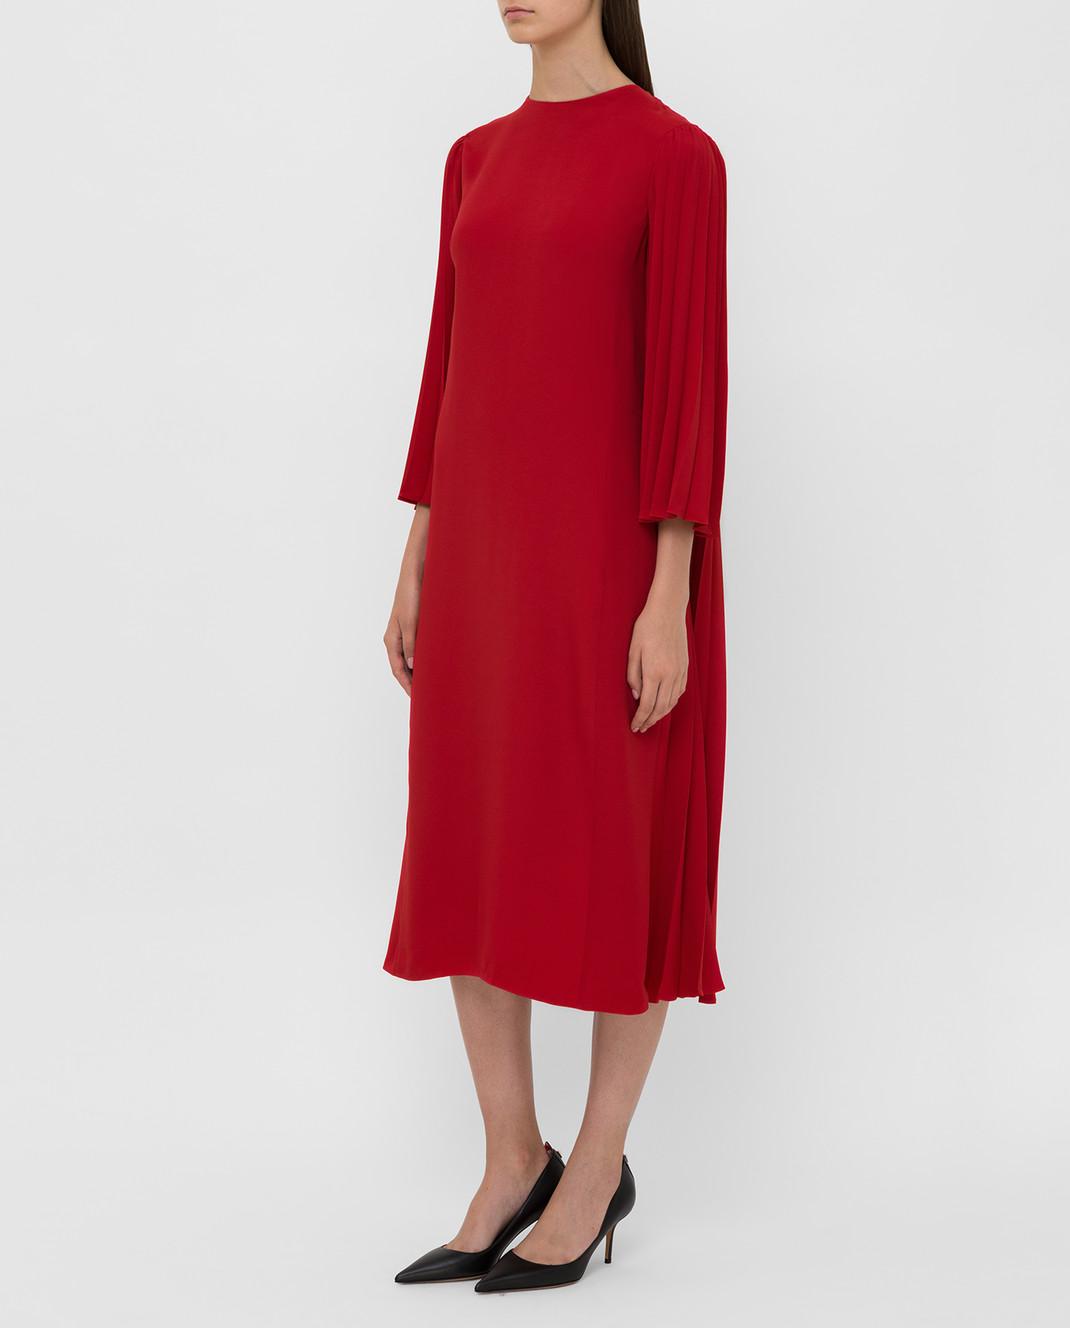 Valentino Красное платье SB3VAN104NK изображение 3